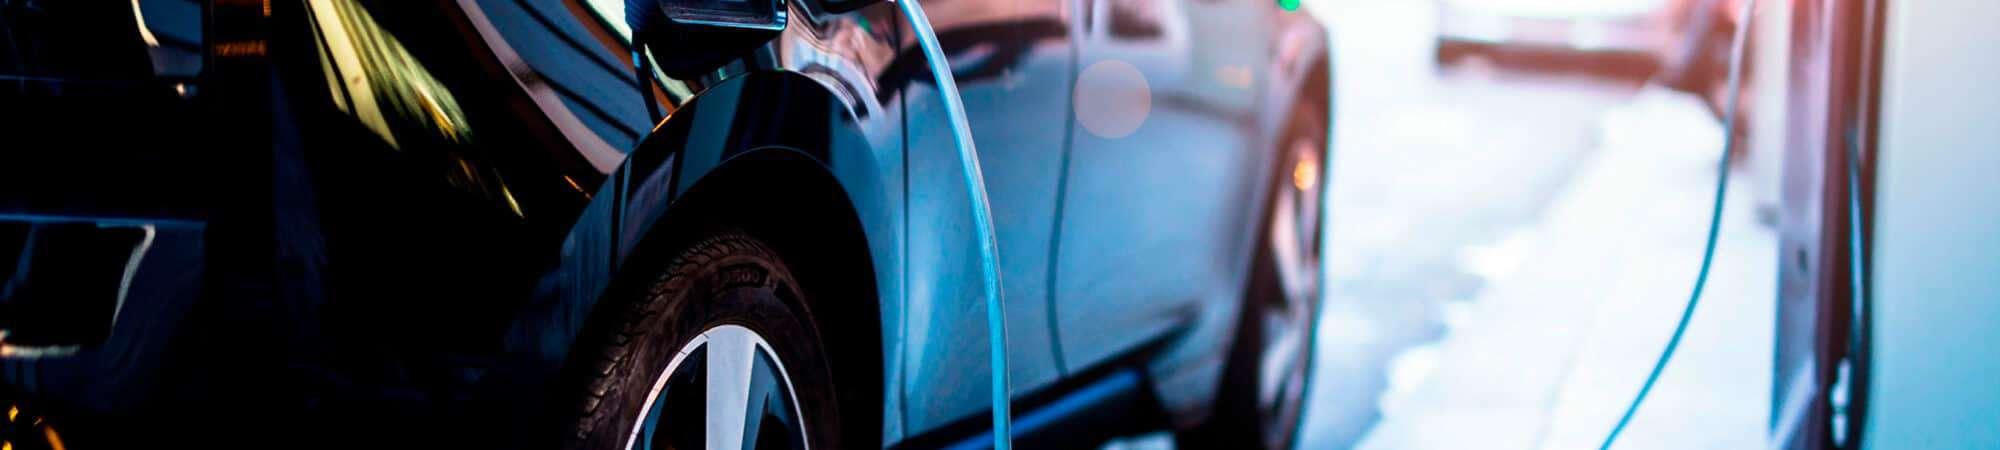 Carro elétrico sendo abastecido